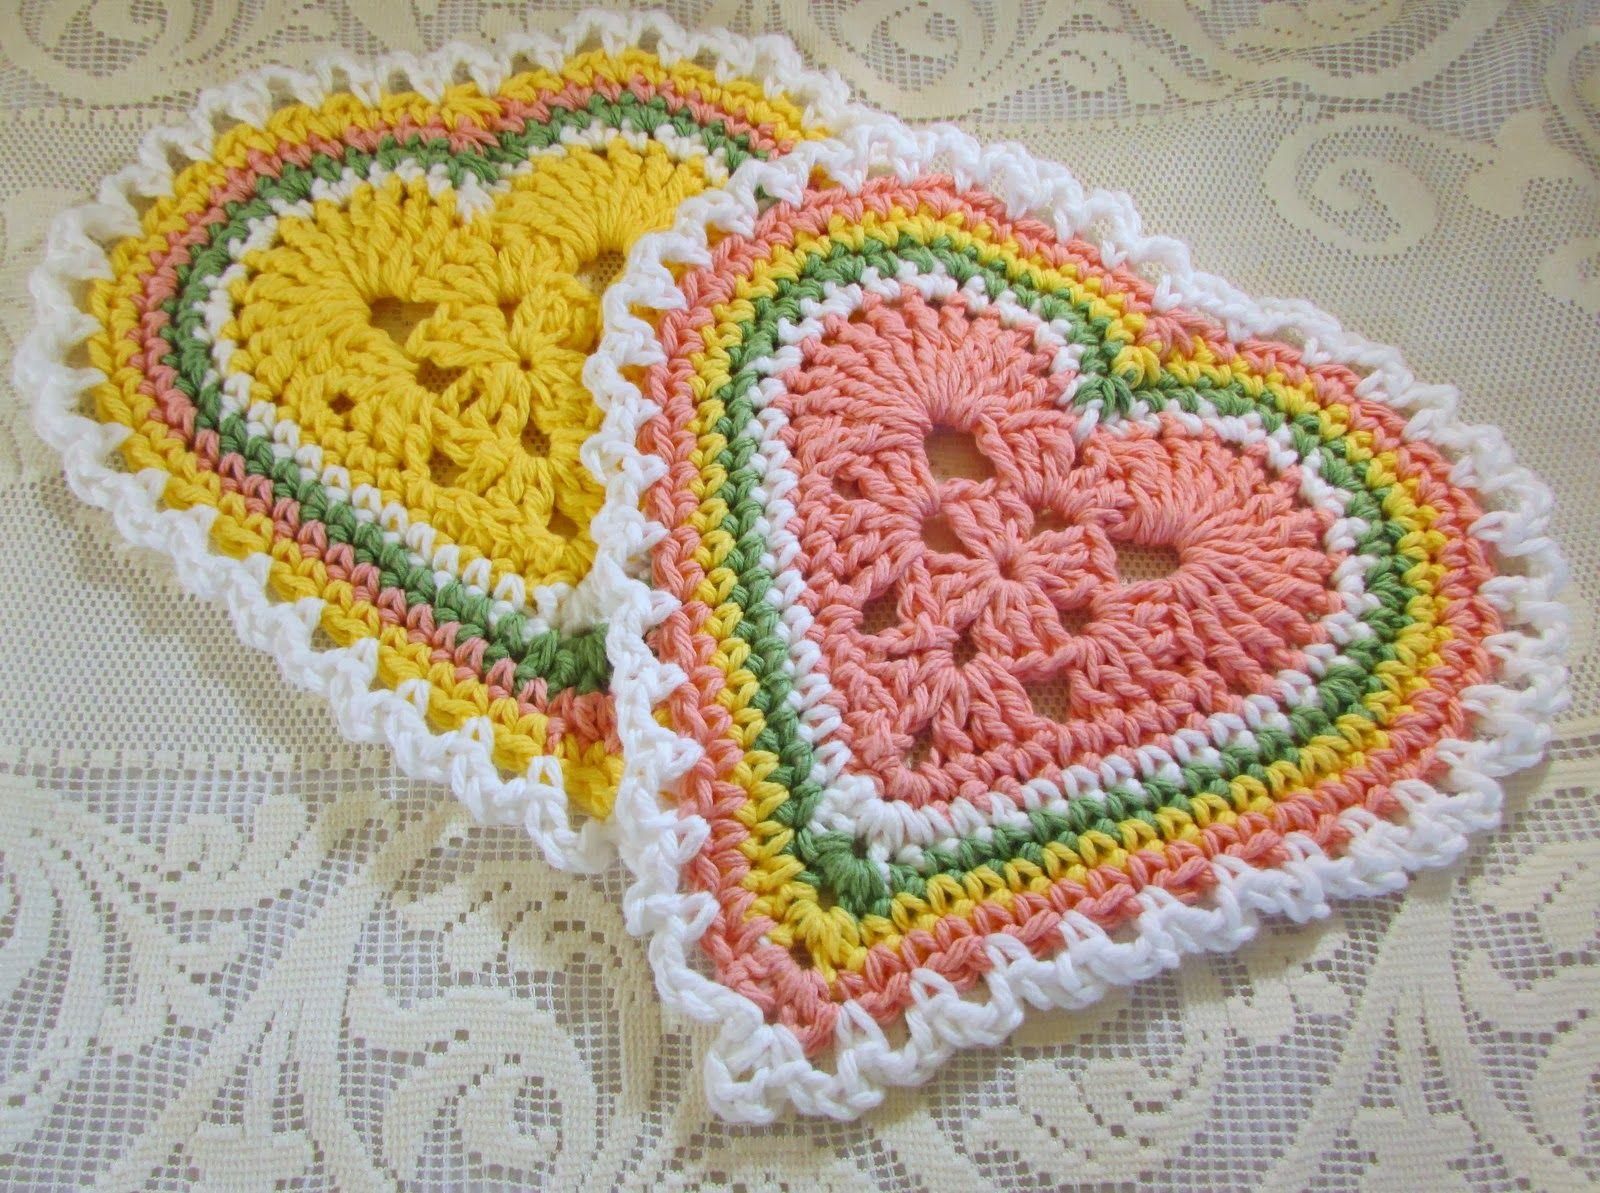 Heart dishcloths nancy drew crochets patterns dishcloth and crochet hearts heart dishcloths free pattern bankloansurffo Choice Image